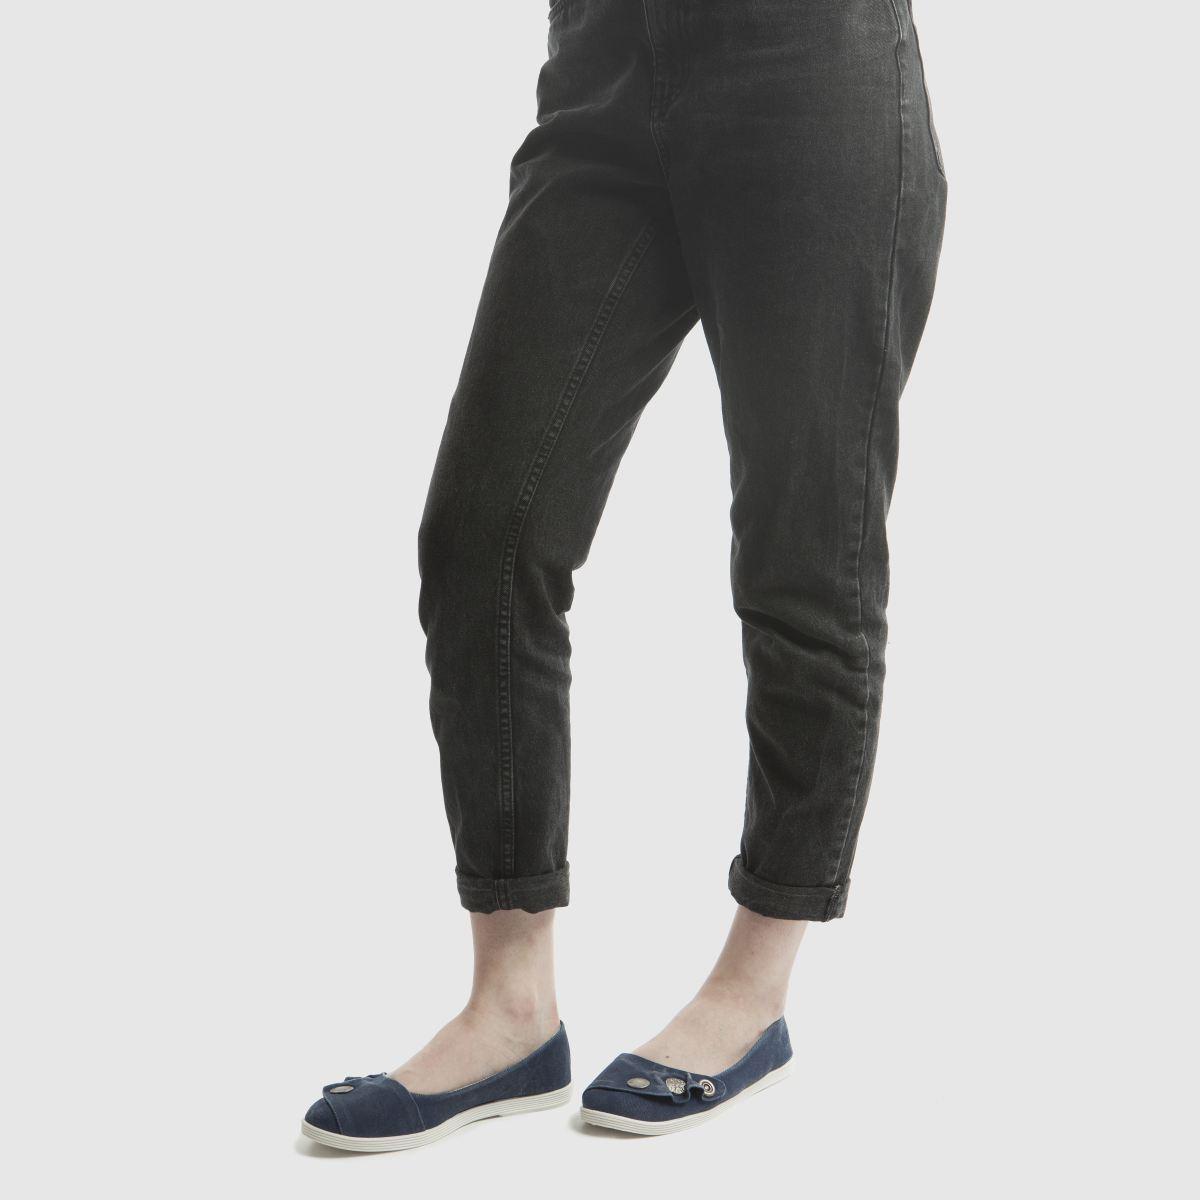 Damen Blau blowfish Gayls Flats   schuh Gute Qualität beliebte Schuhe